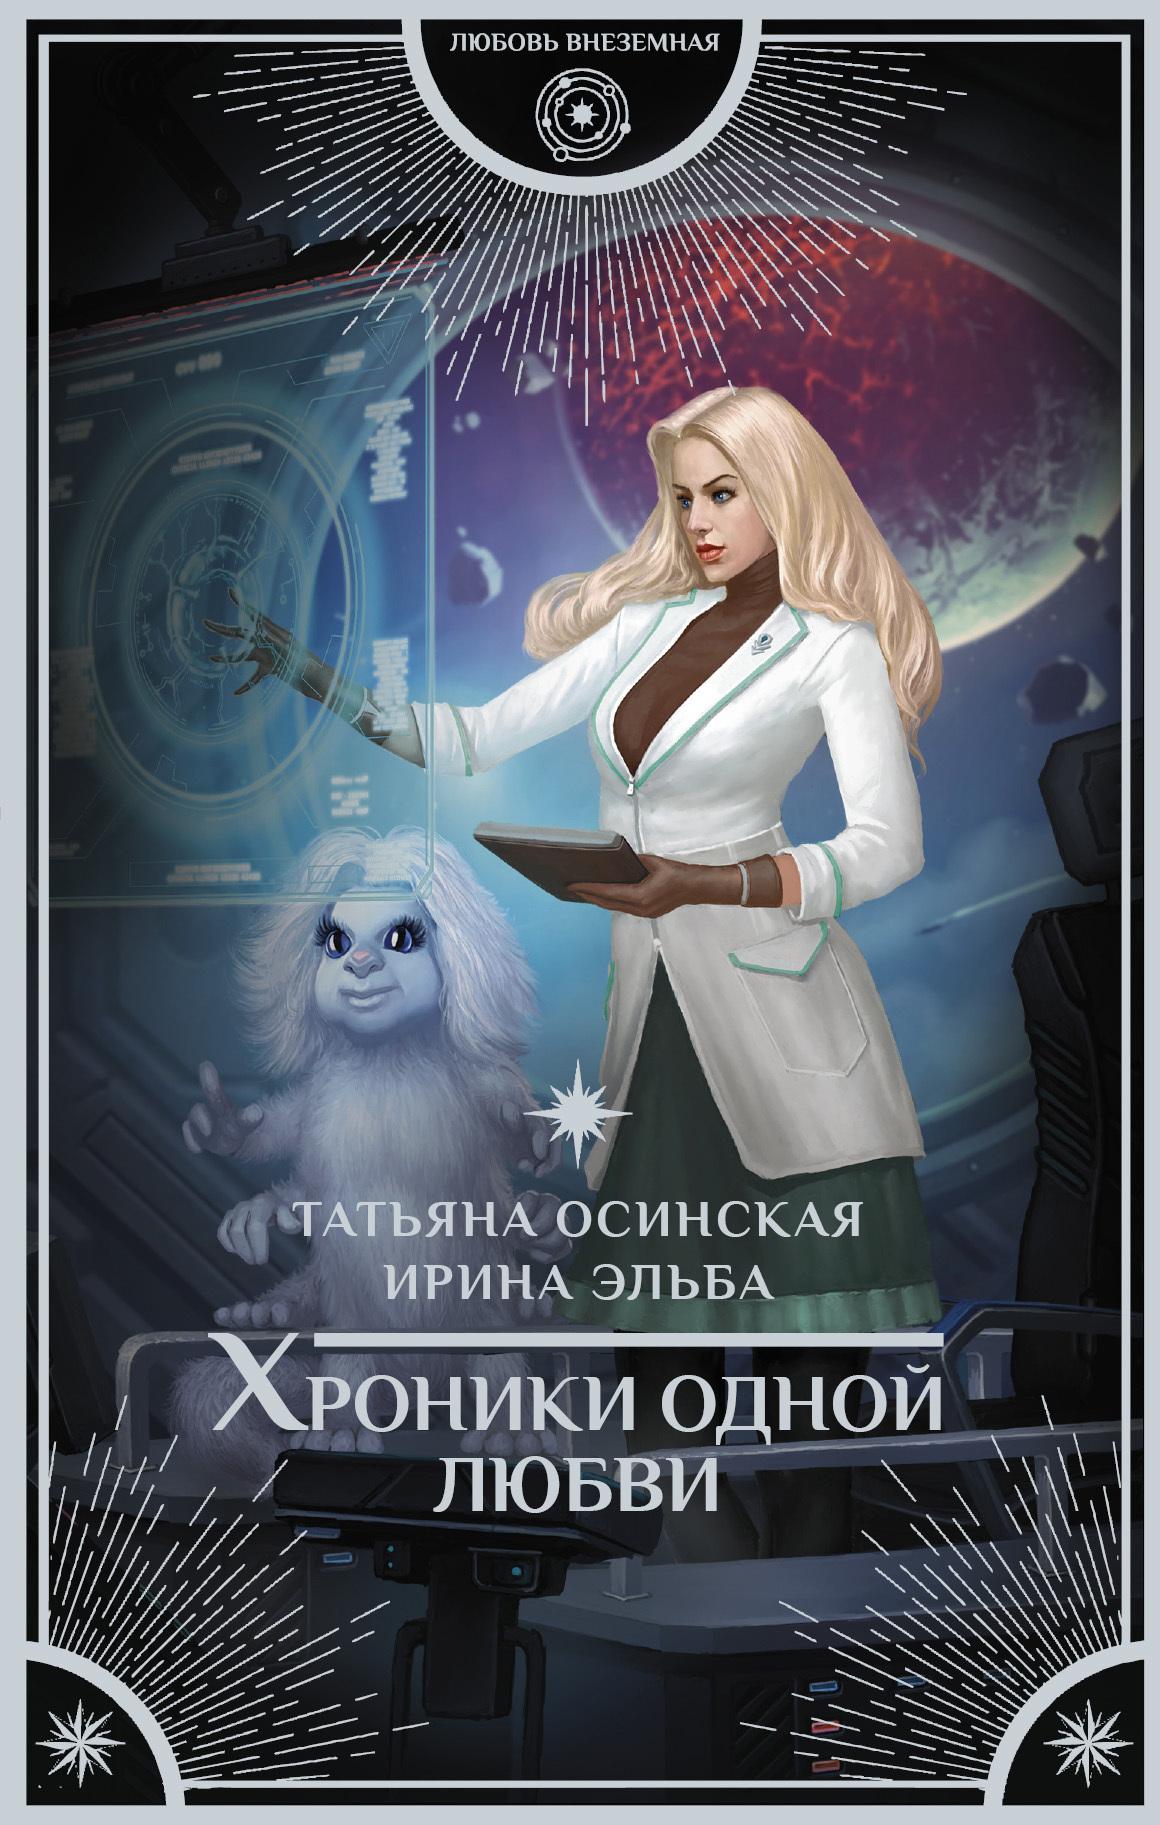 Ирина Эльба бесплатно